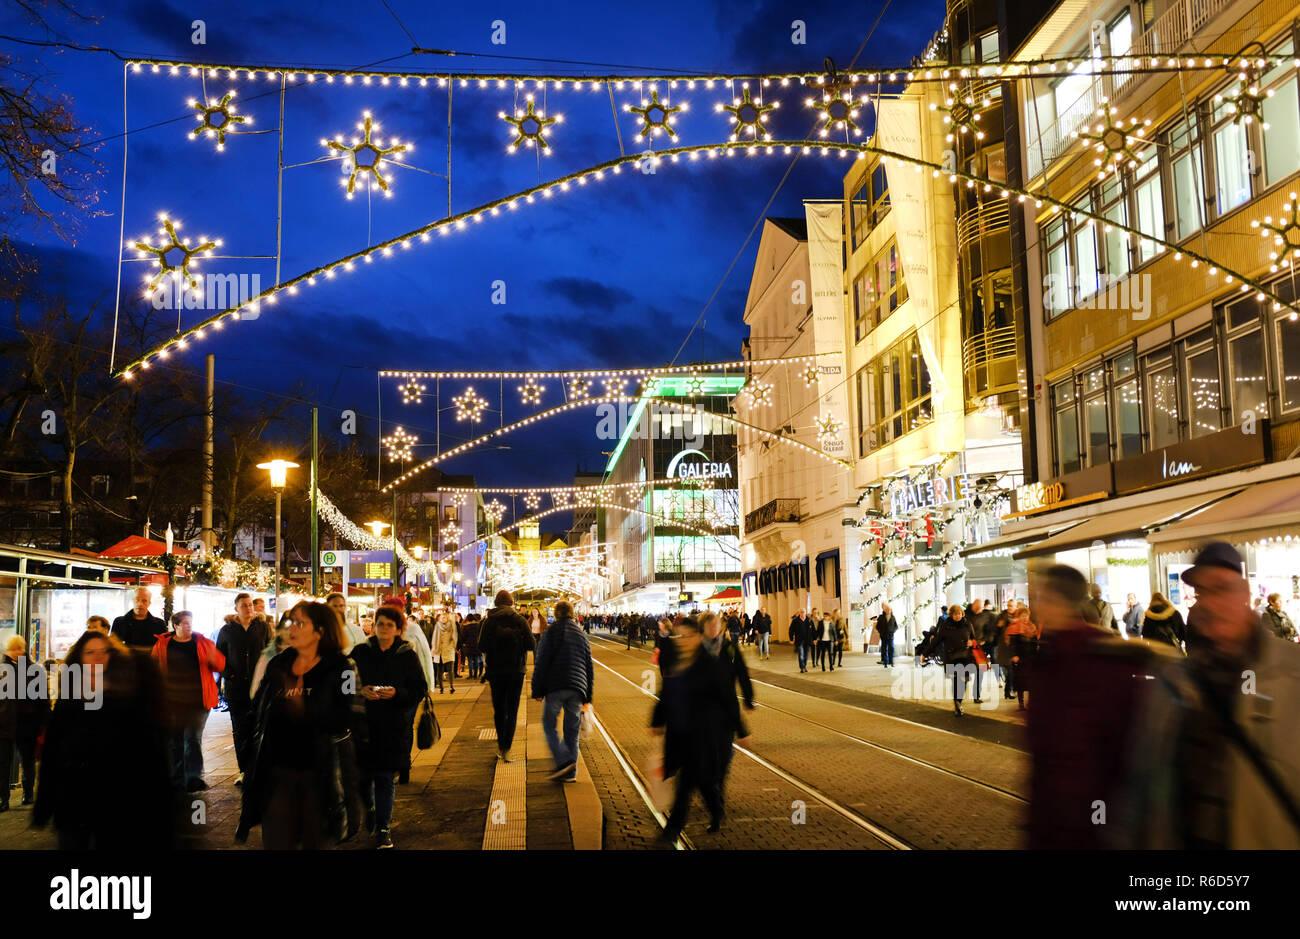 Ab Wann Weihnachtsbeleuchtung.03 Dezember 2018 Hessen Kassel Die Weihnachtsbeleuchtung In Der